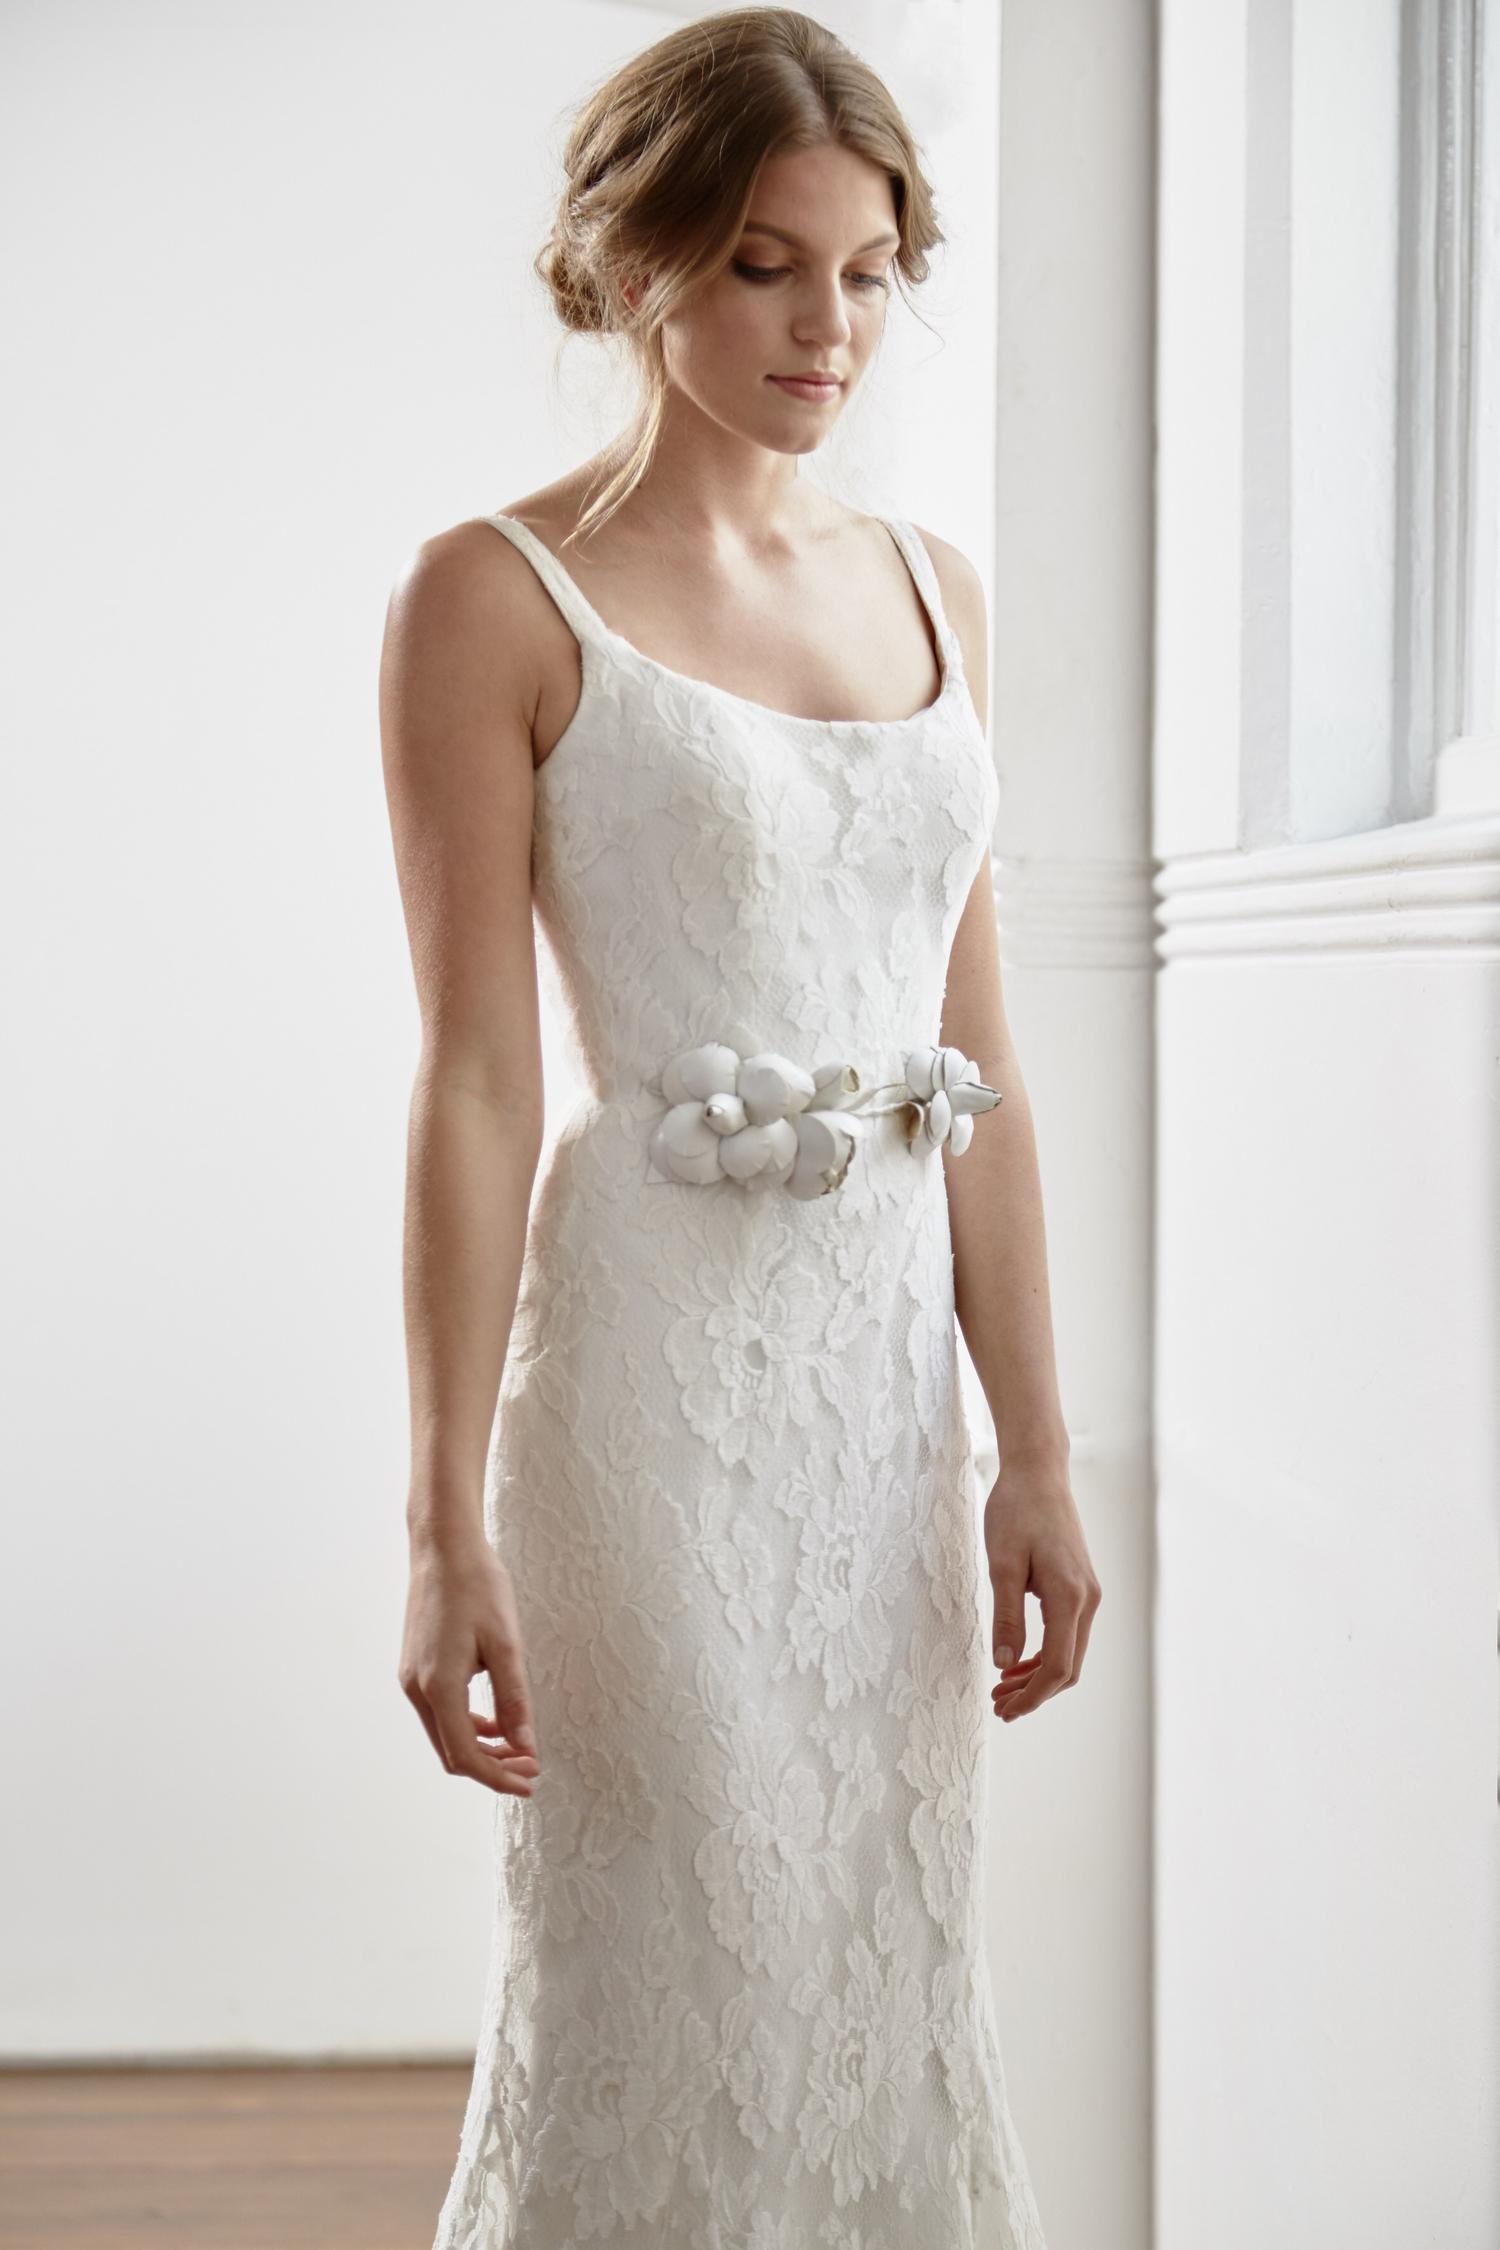 6b47fcf6e9 dove bridal gown